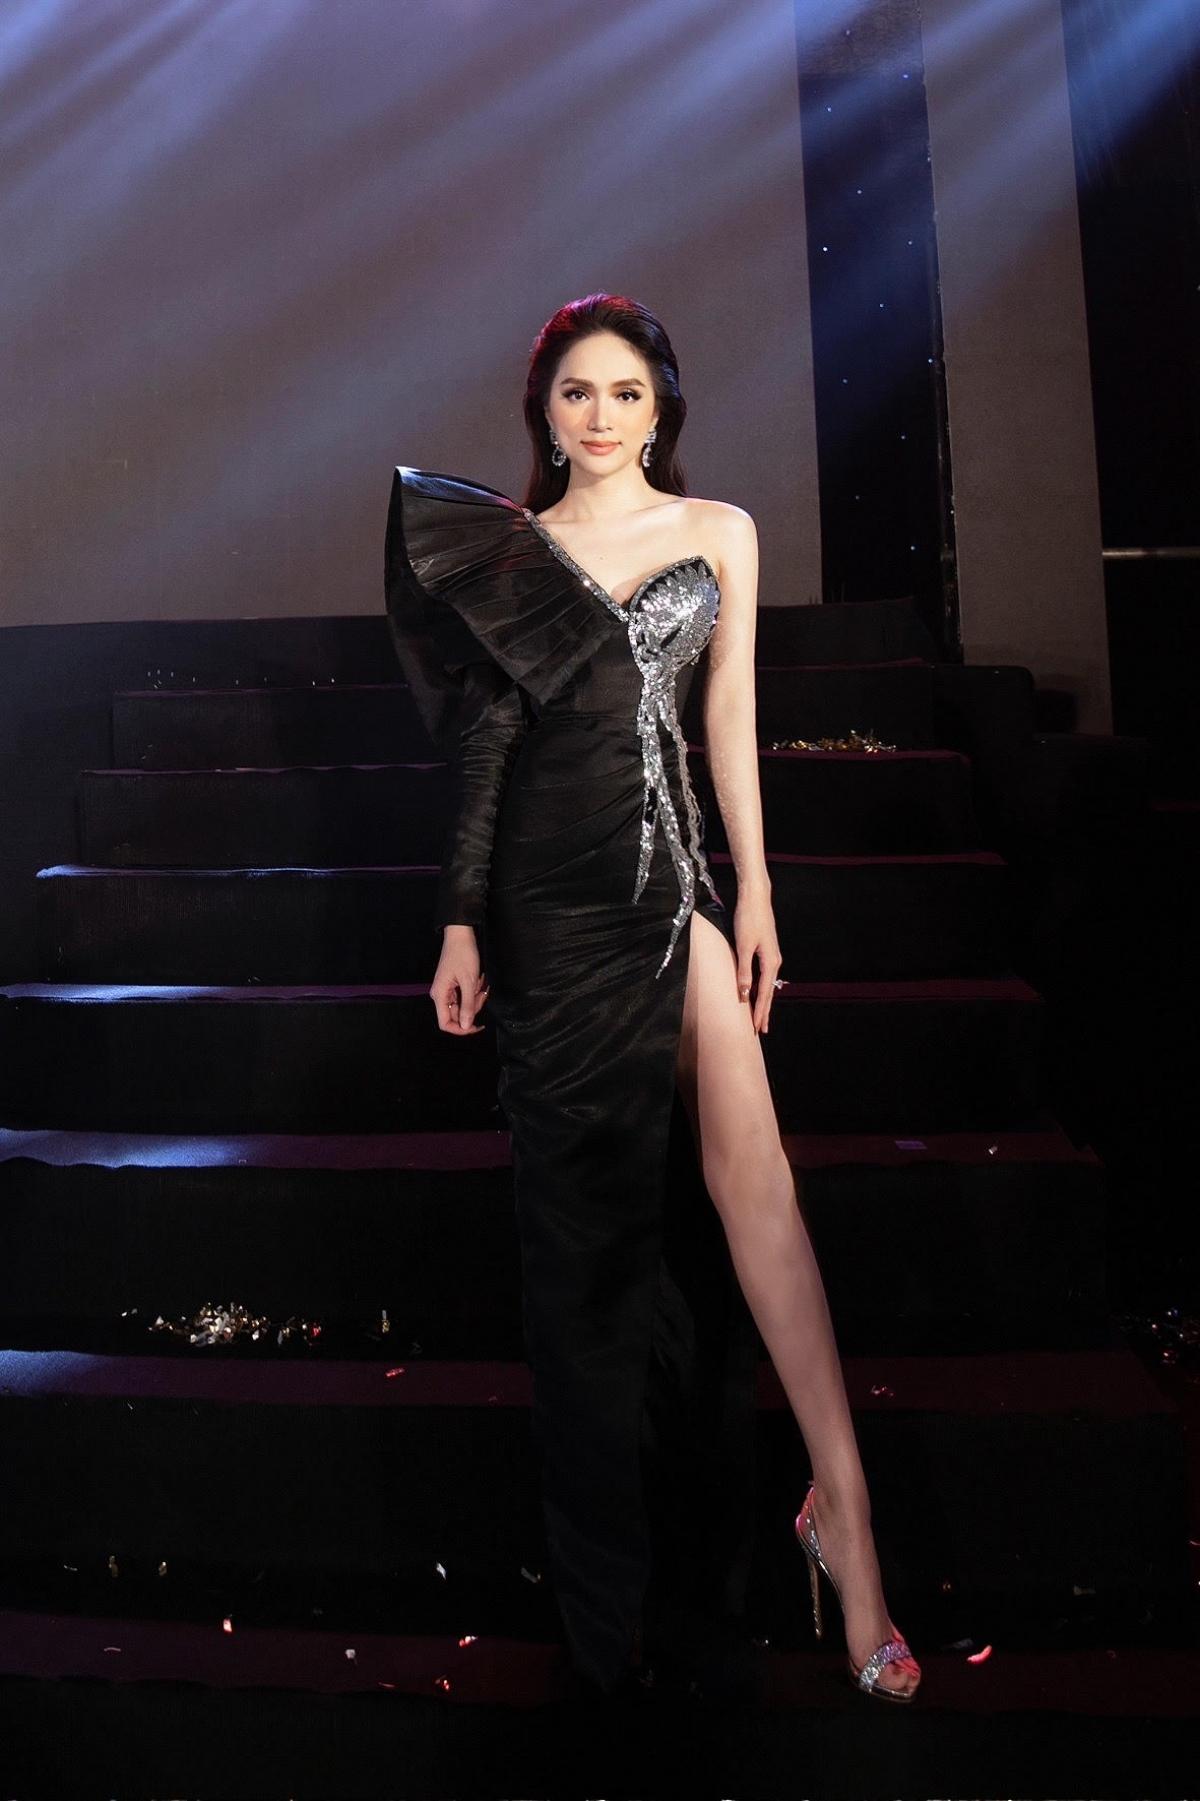 Xuất hiện trong một sự kiện gần đây, Hoa hậu Hương Giang gây chú ý với chiếc váy xẻ cao, tôn lên đường cong nóng bỏng.